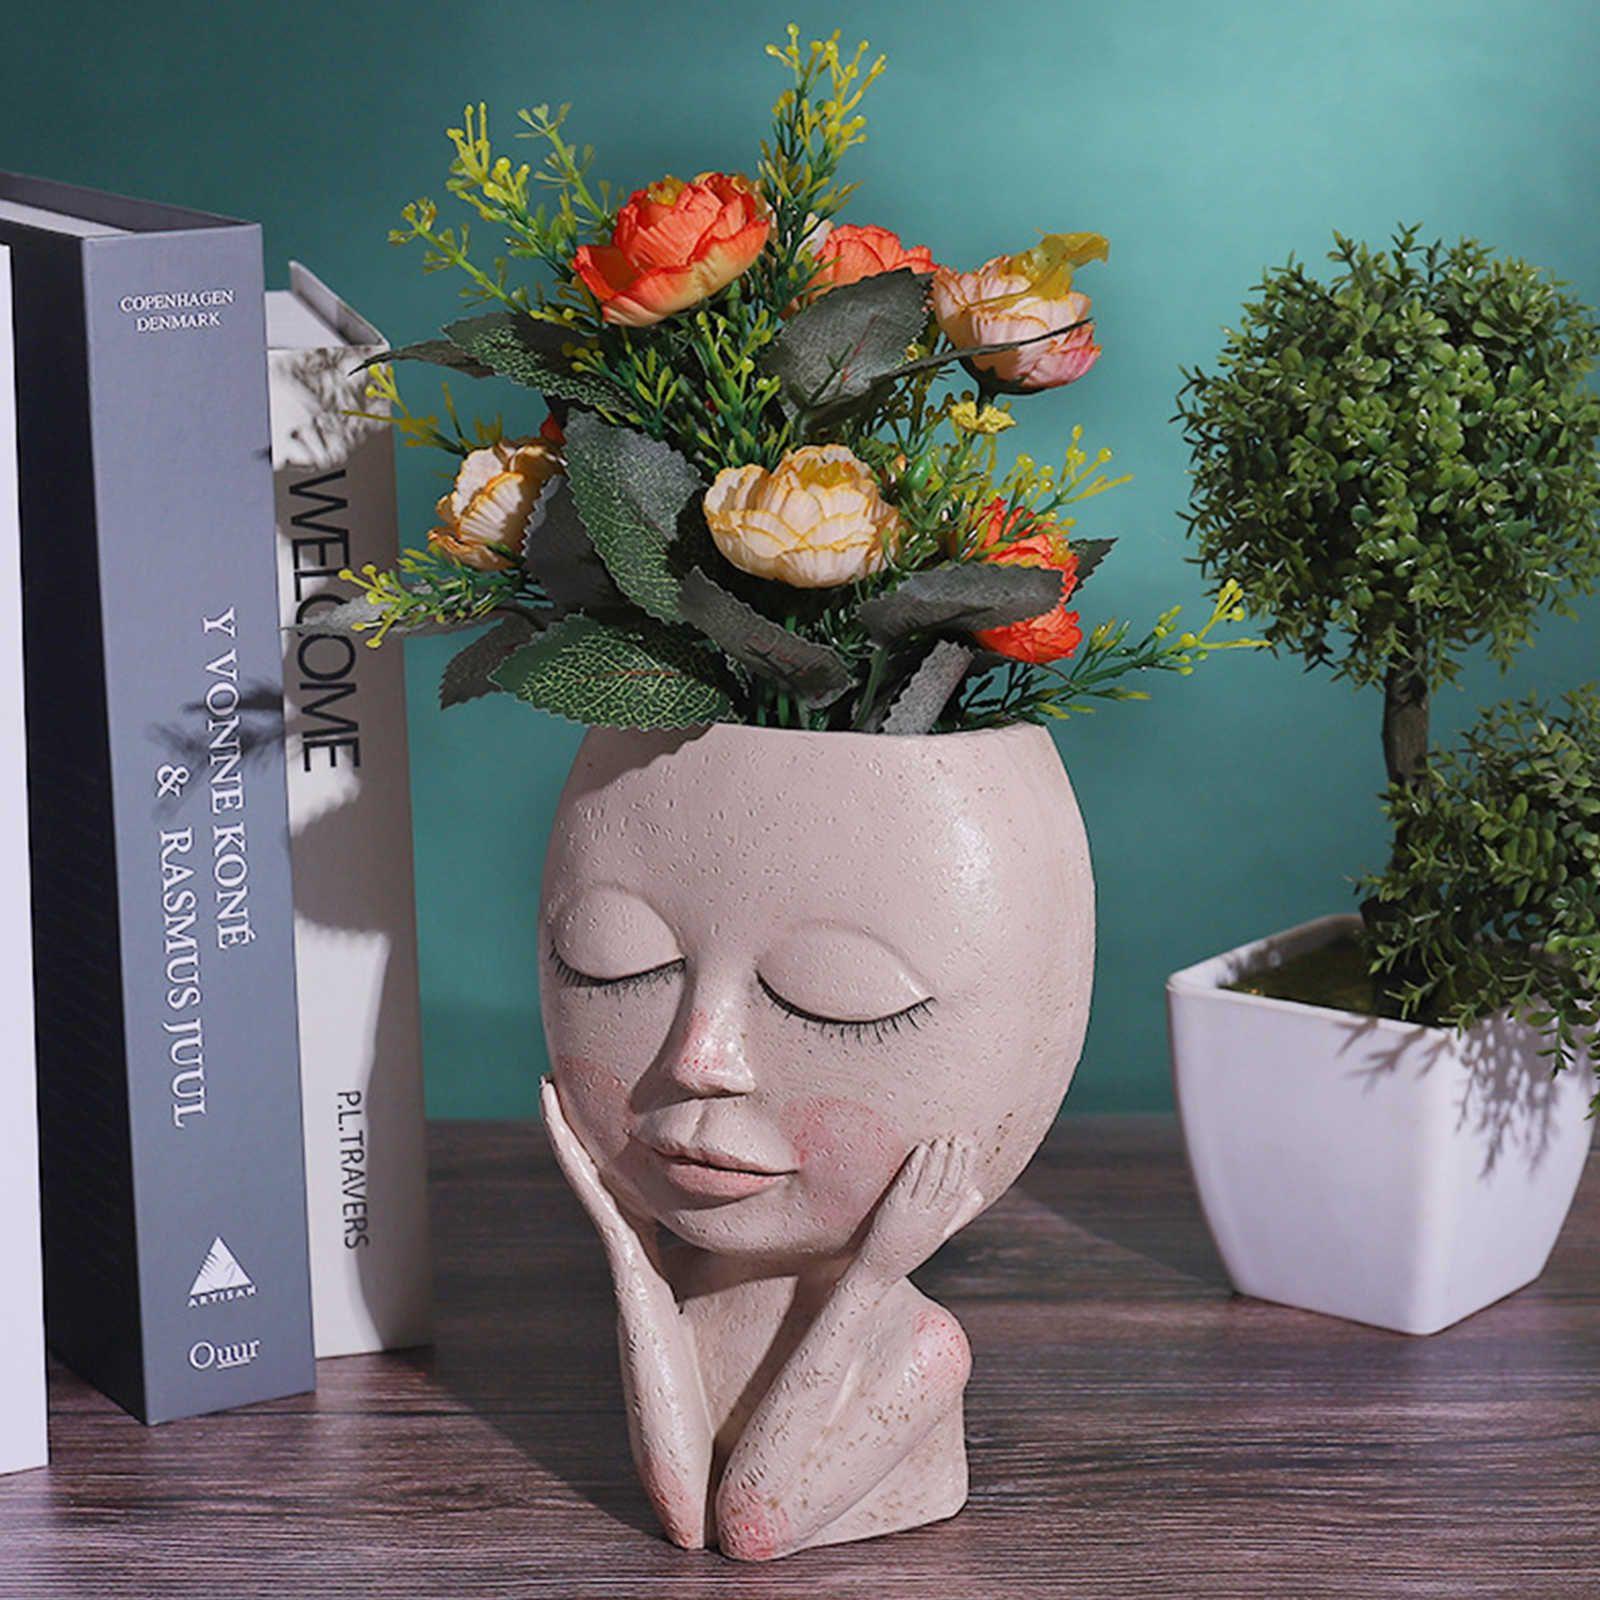 Filles visage visage plante plante plante succulente plante fleur pot pot pot flowerpot figurine décor nordique décor nordique ornement 210615